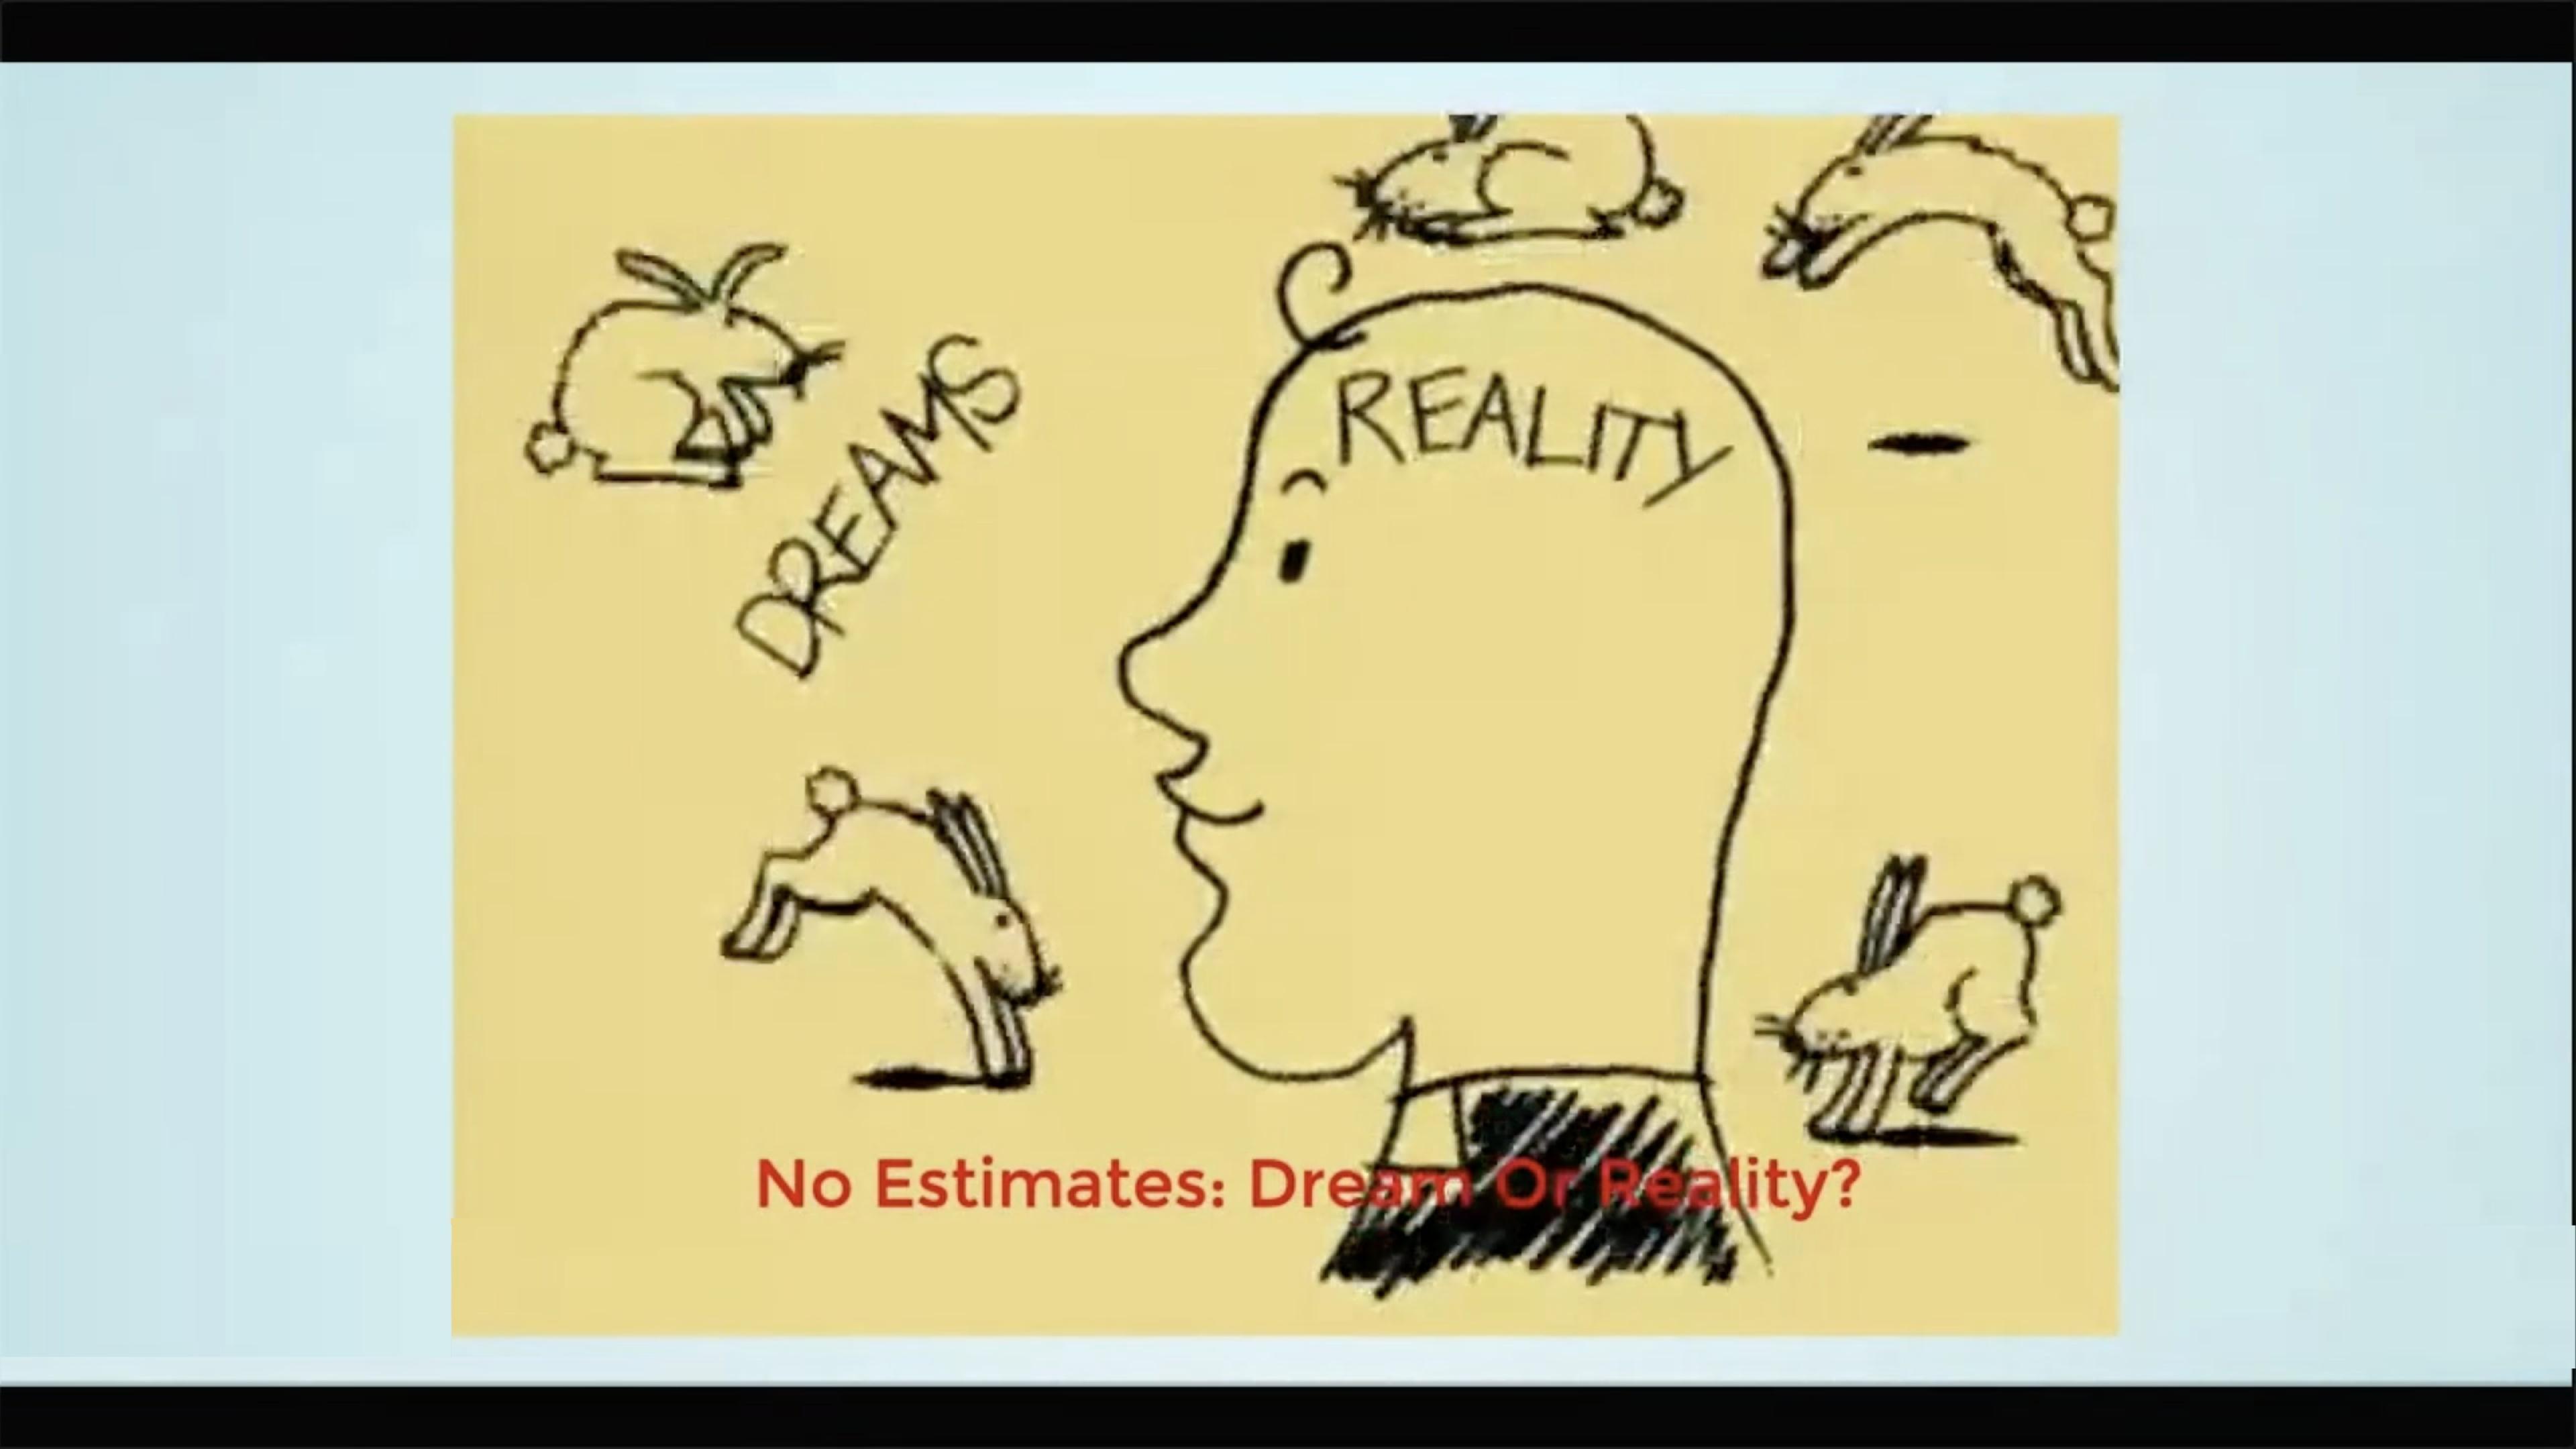 No estimates: dream or reality - Darryn Downey